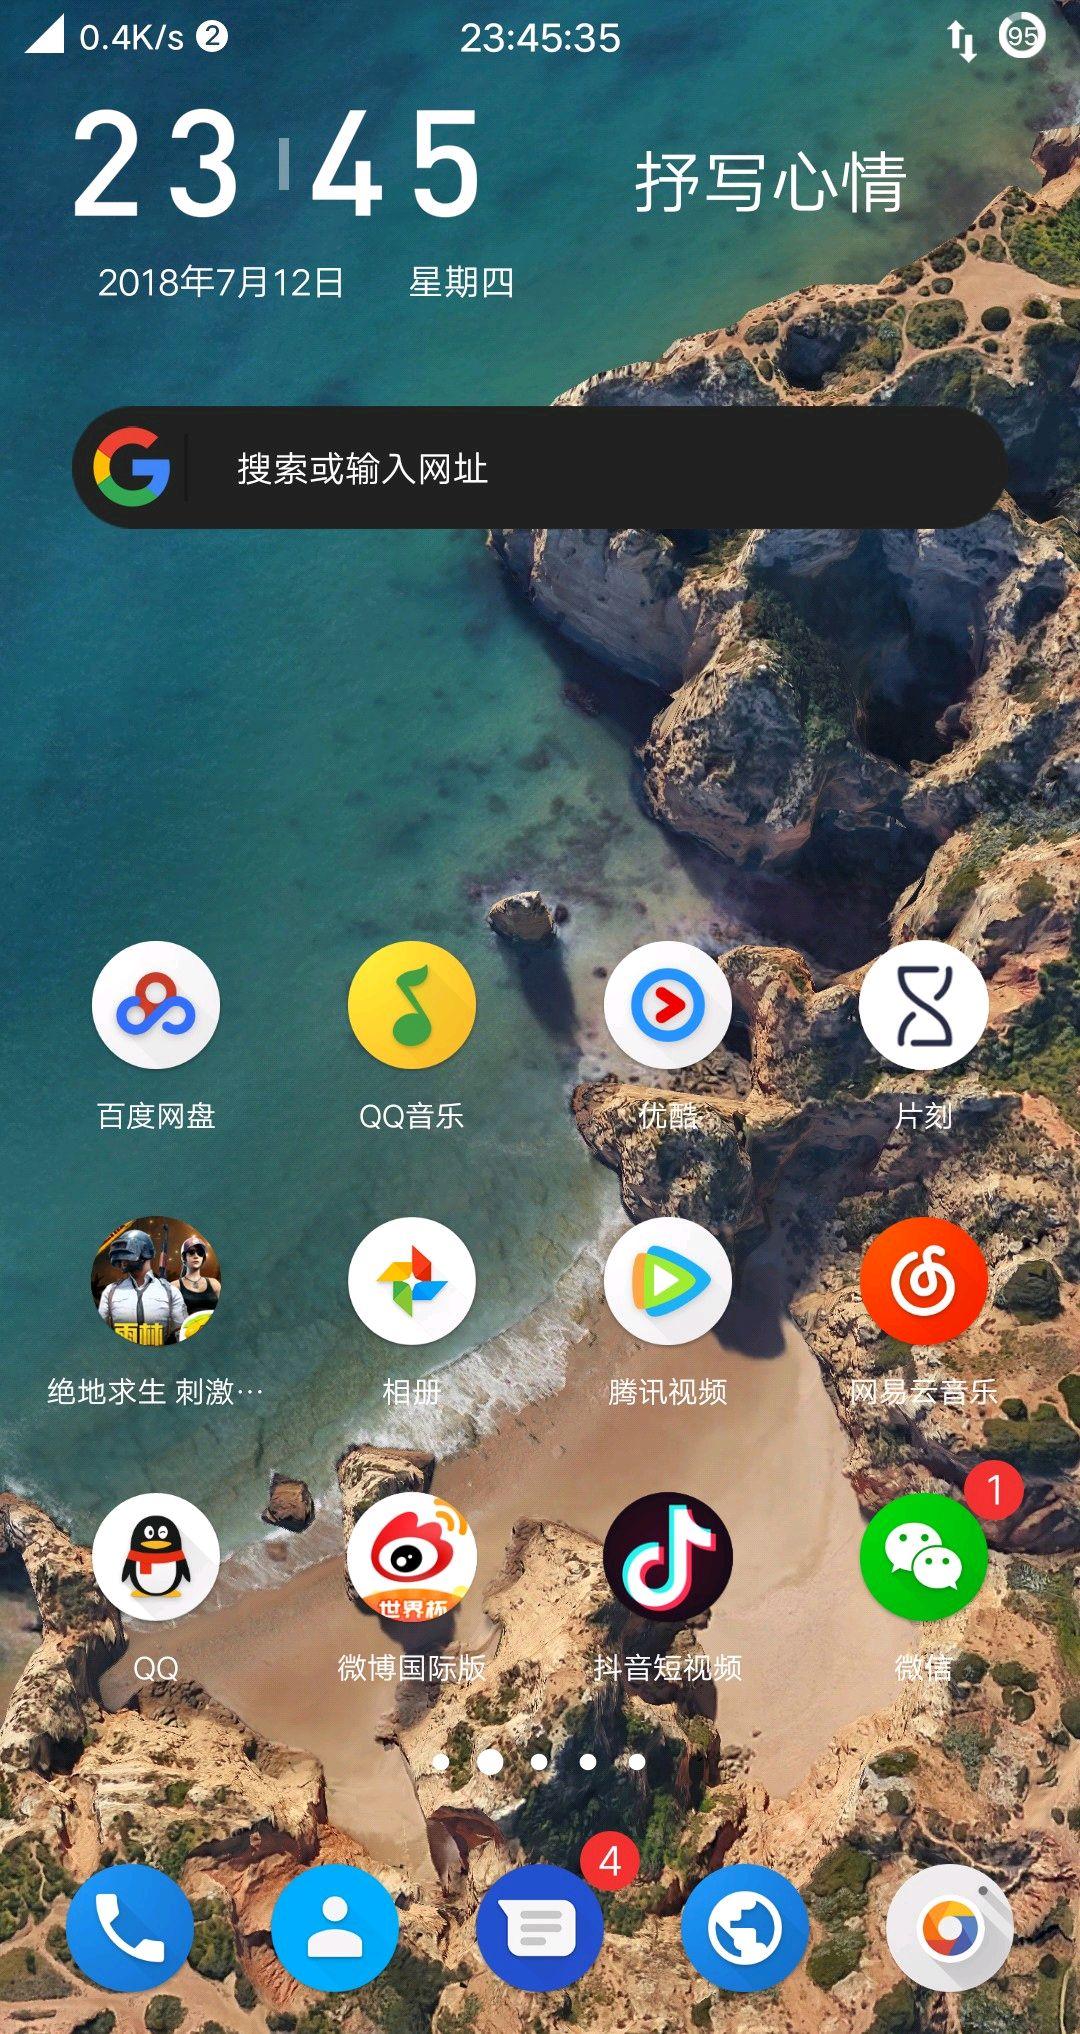 Screenshot_2018_0712_234536.jpg